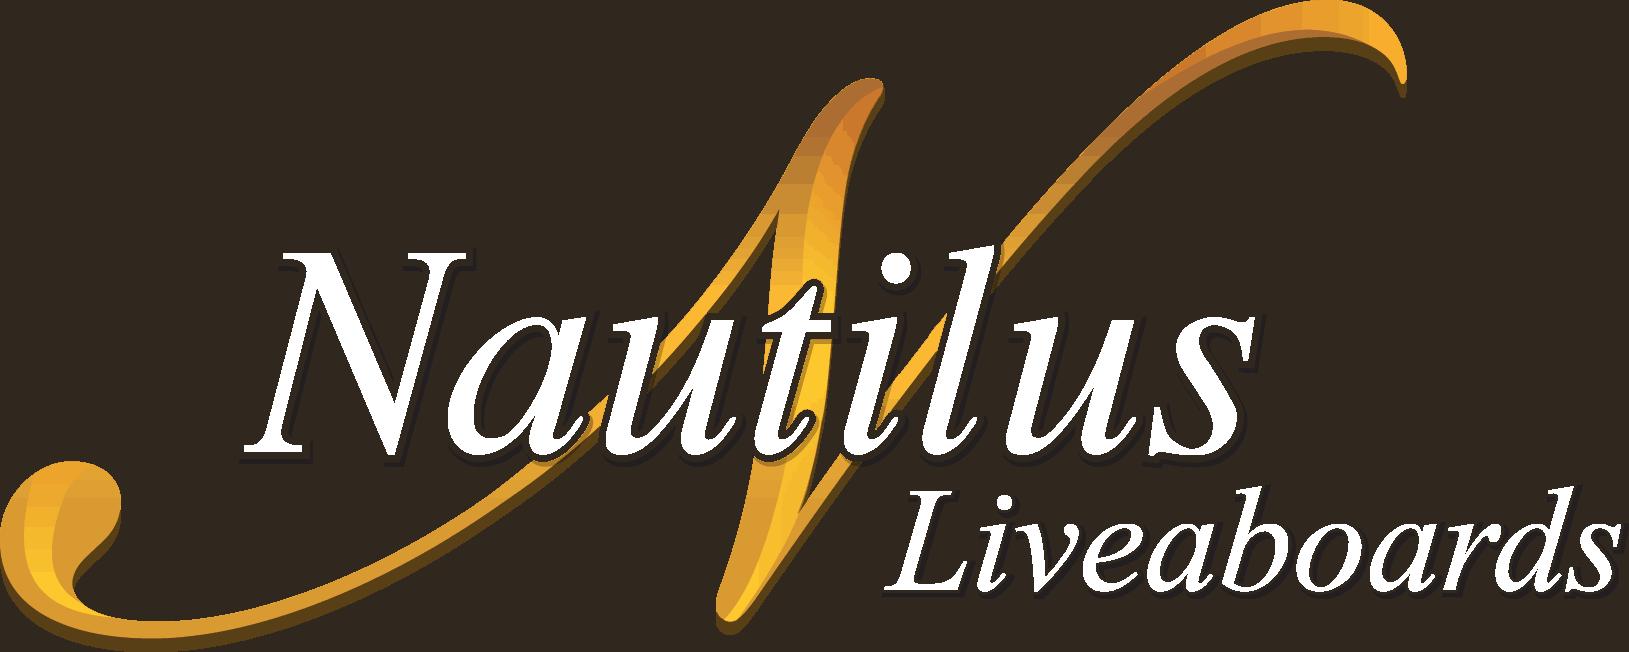 nautilus liveaboards logo